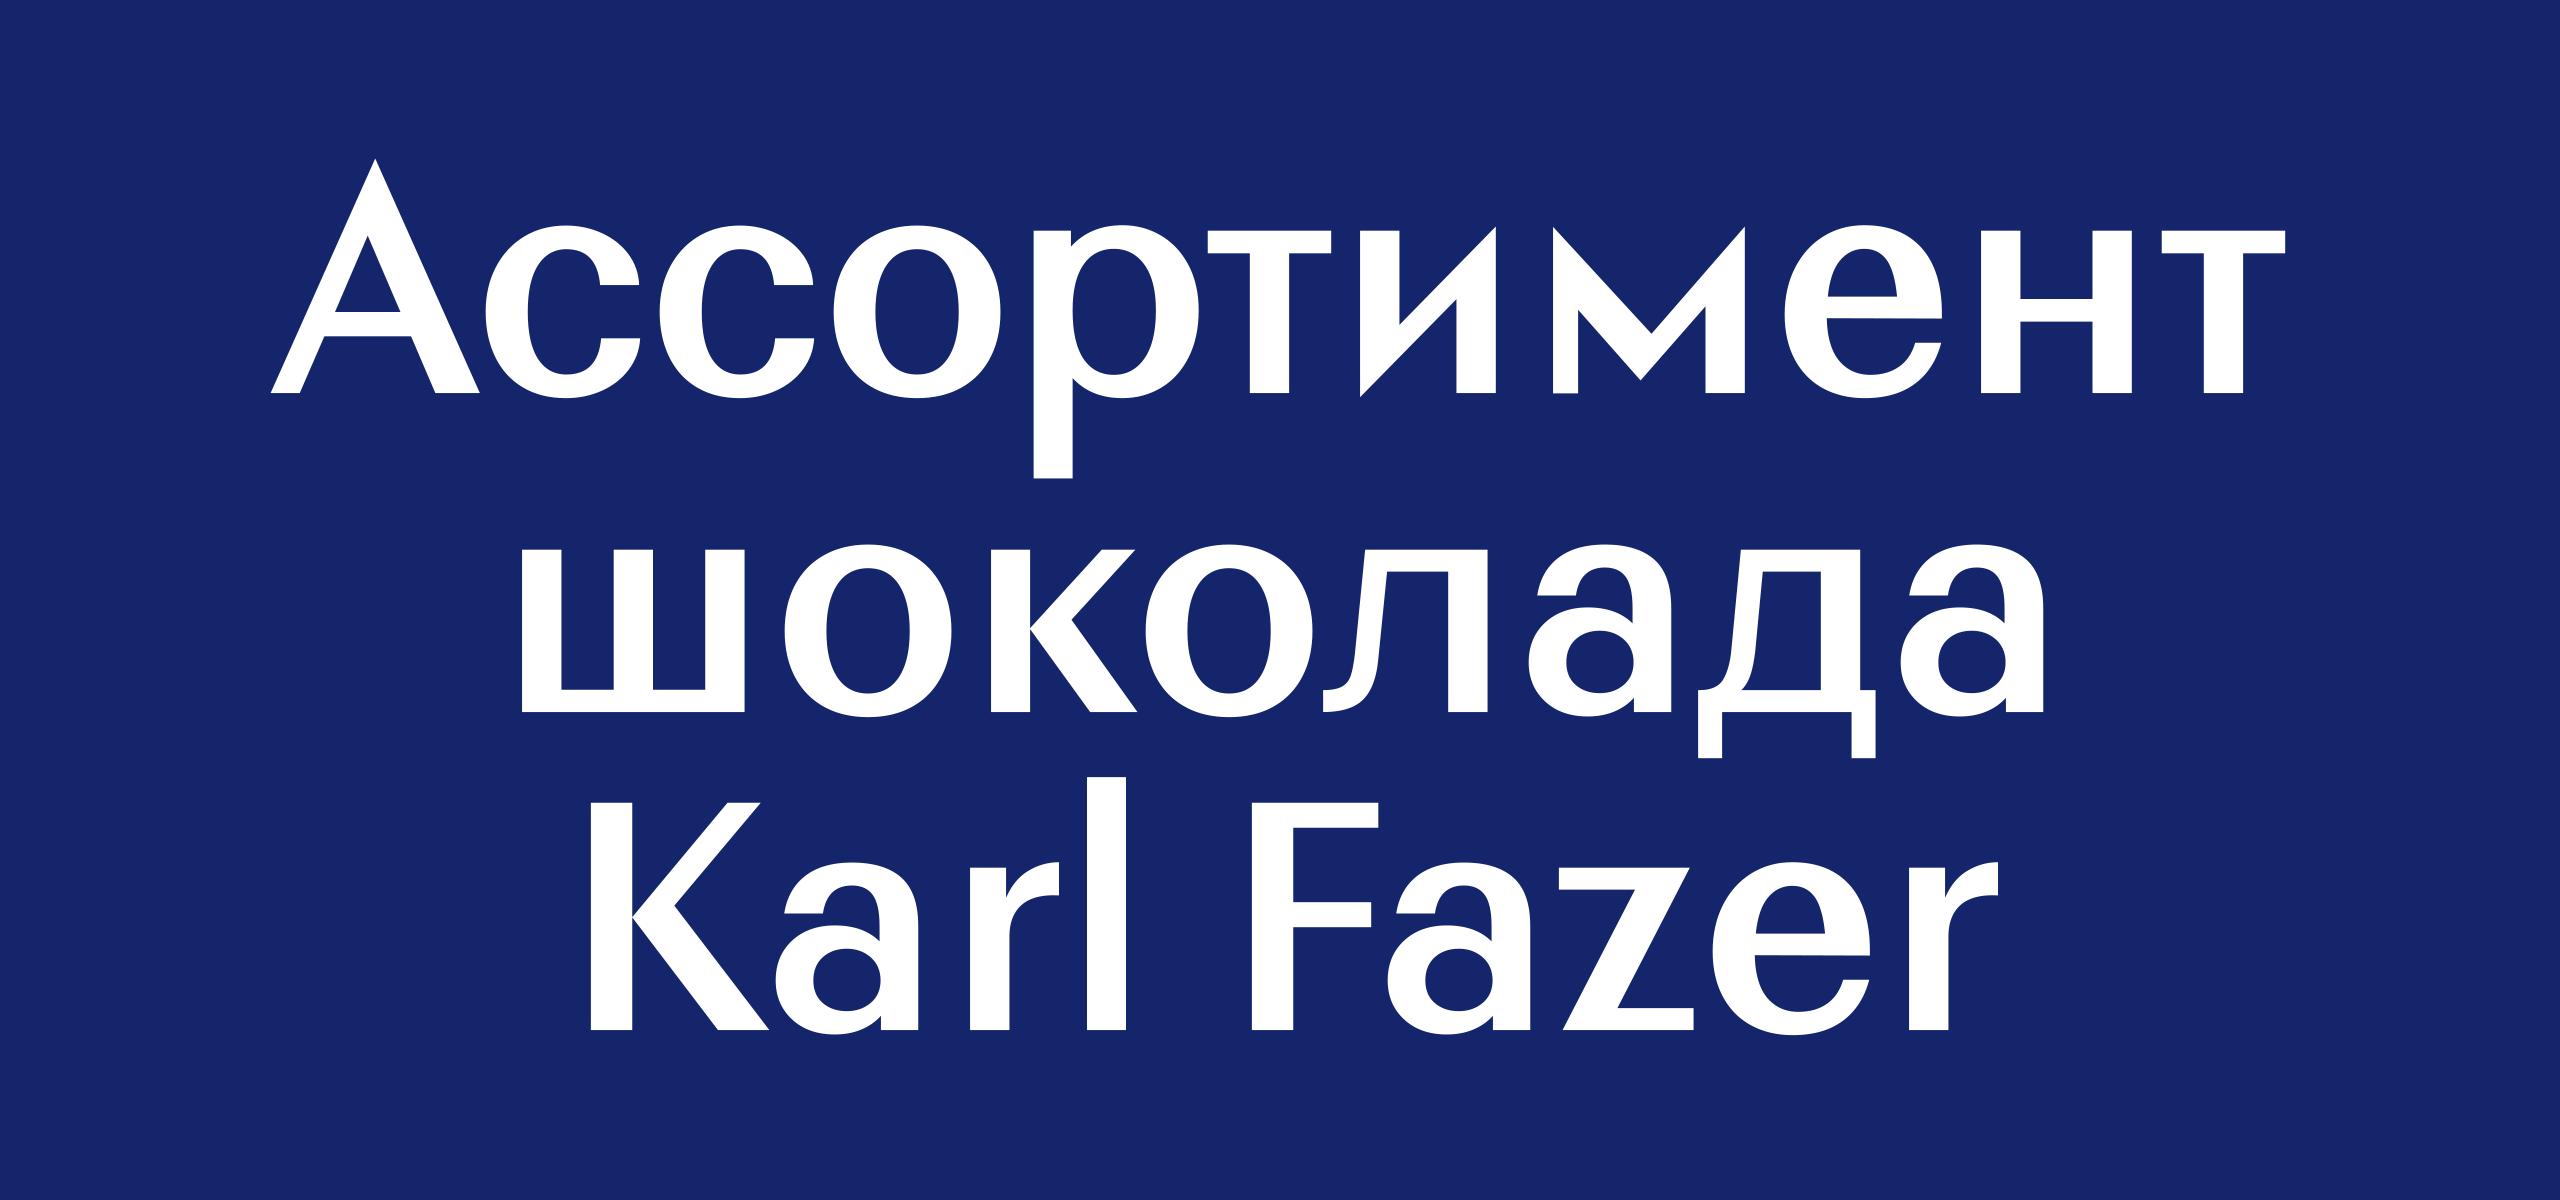 FazerSans-9